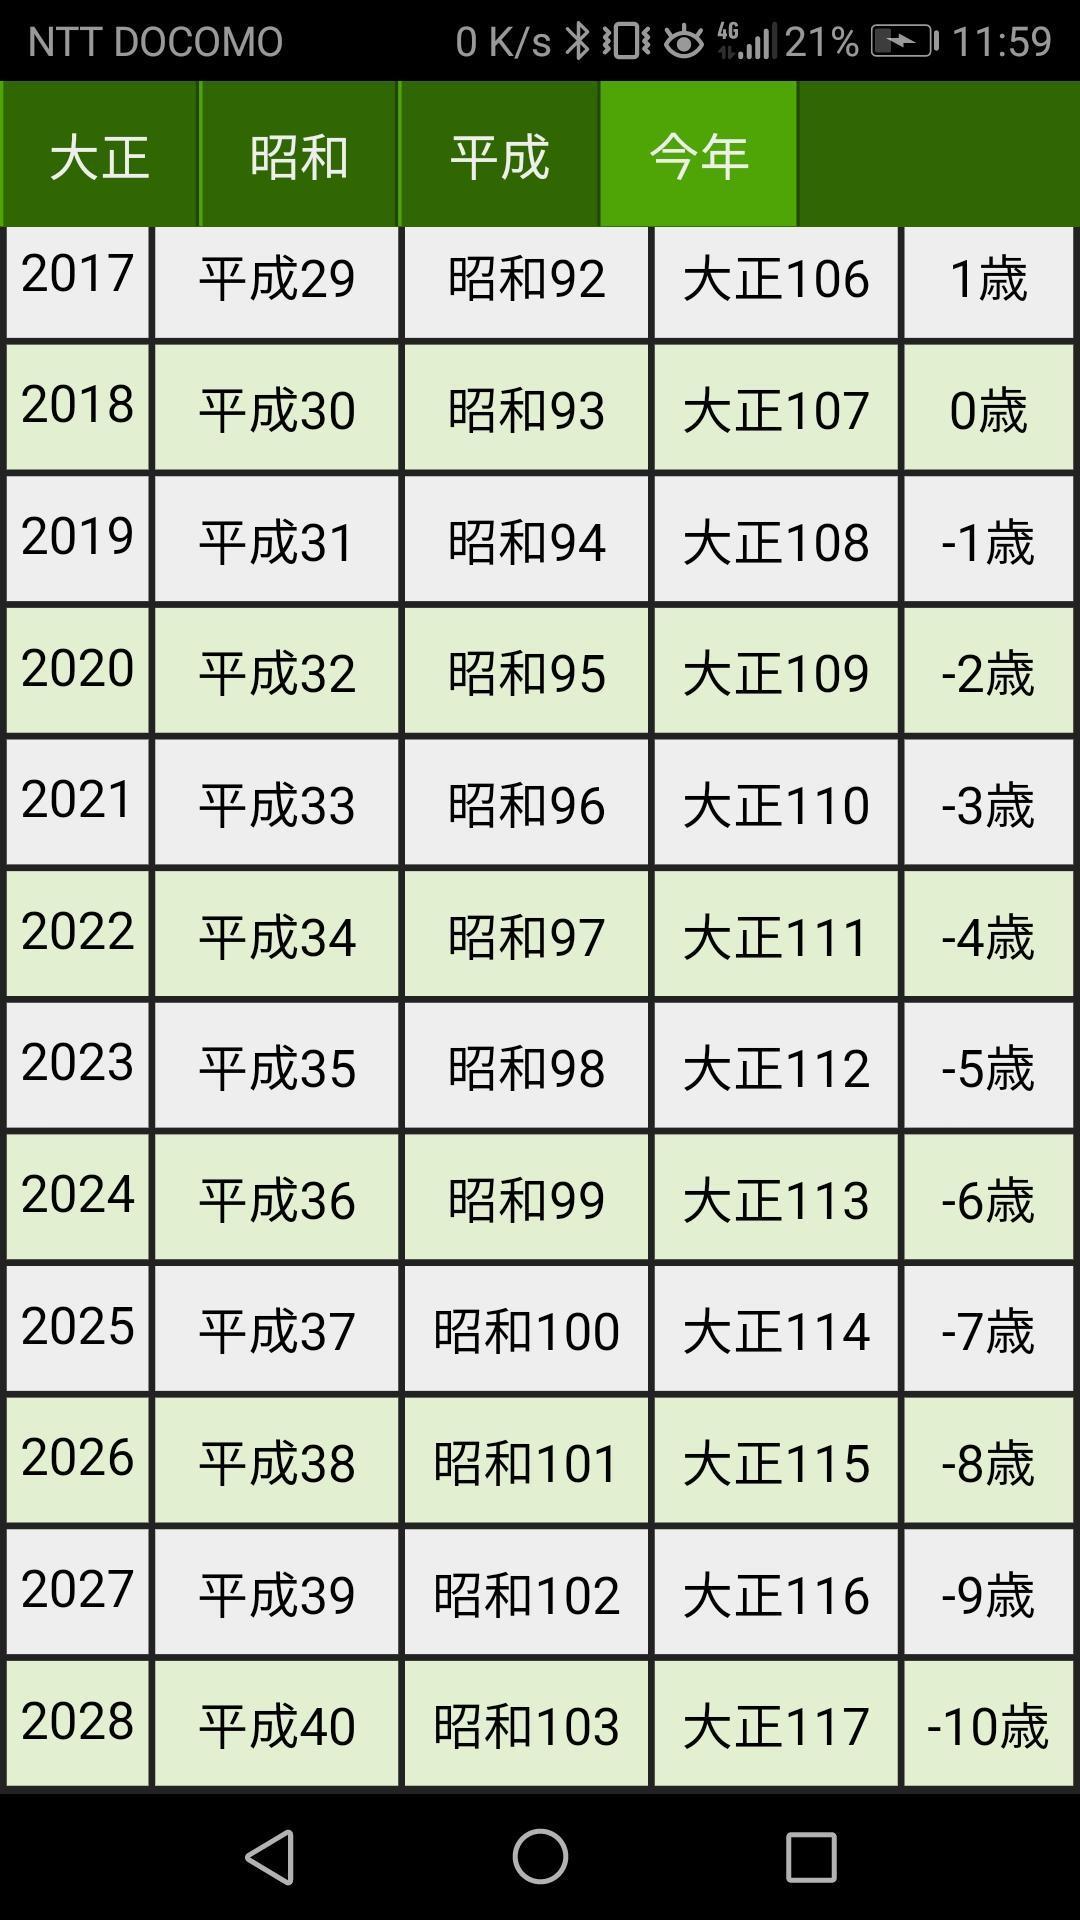 昭和 30 年 西暦 和暦西暦早見表 - JCB